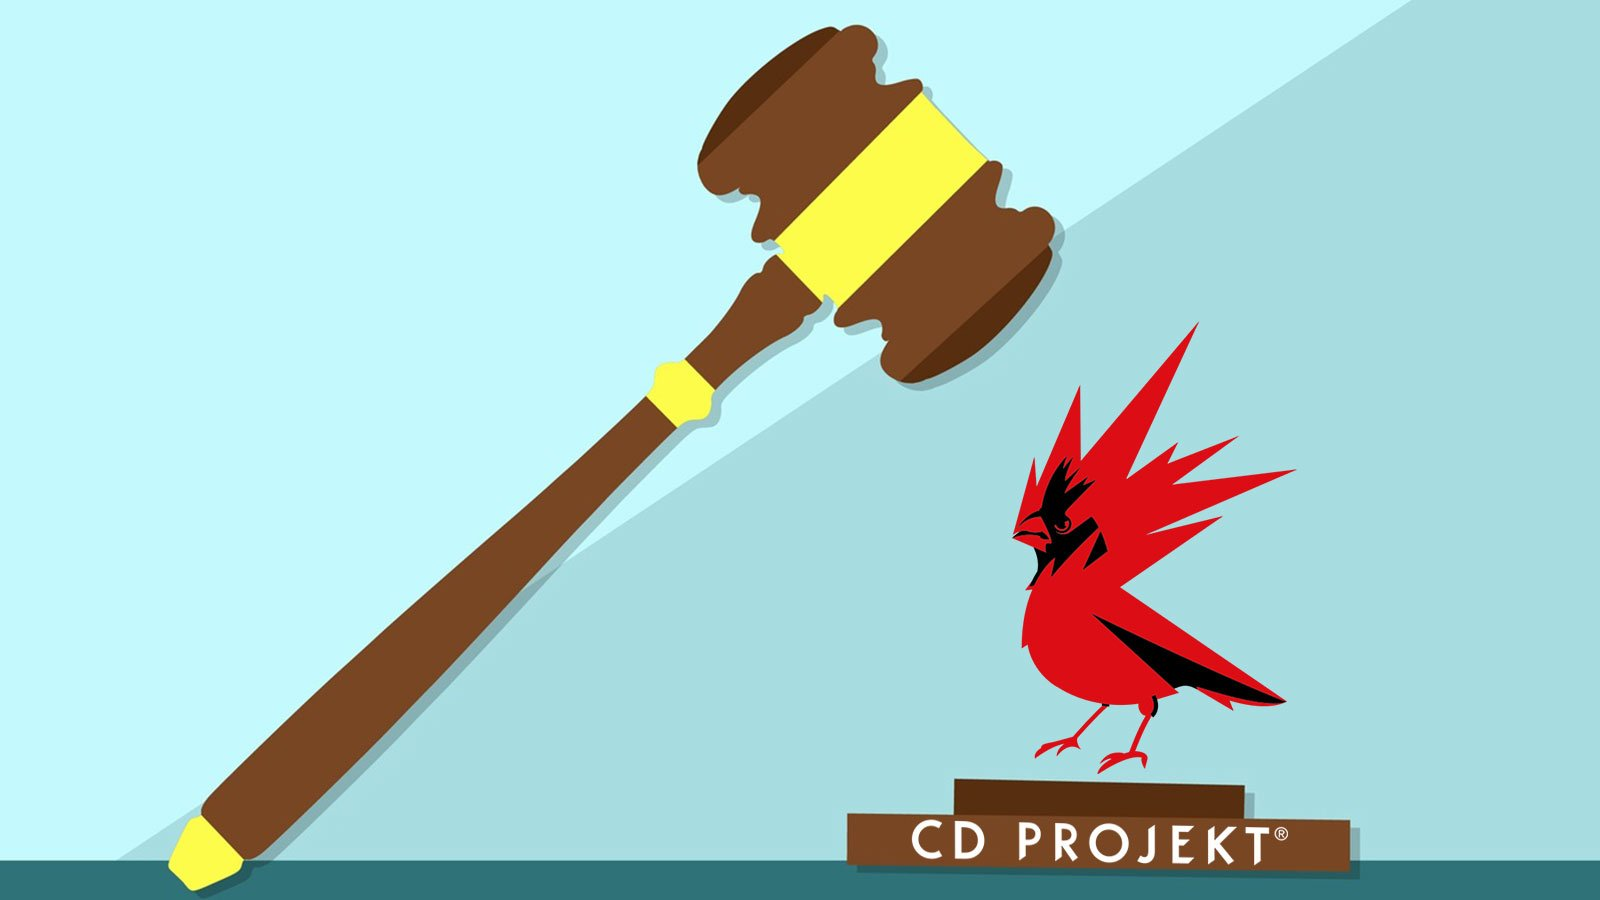 CD Projekt pourrait faire face à des poursuites judiciaires